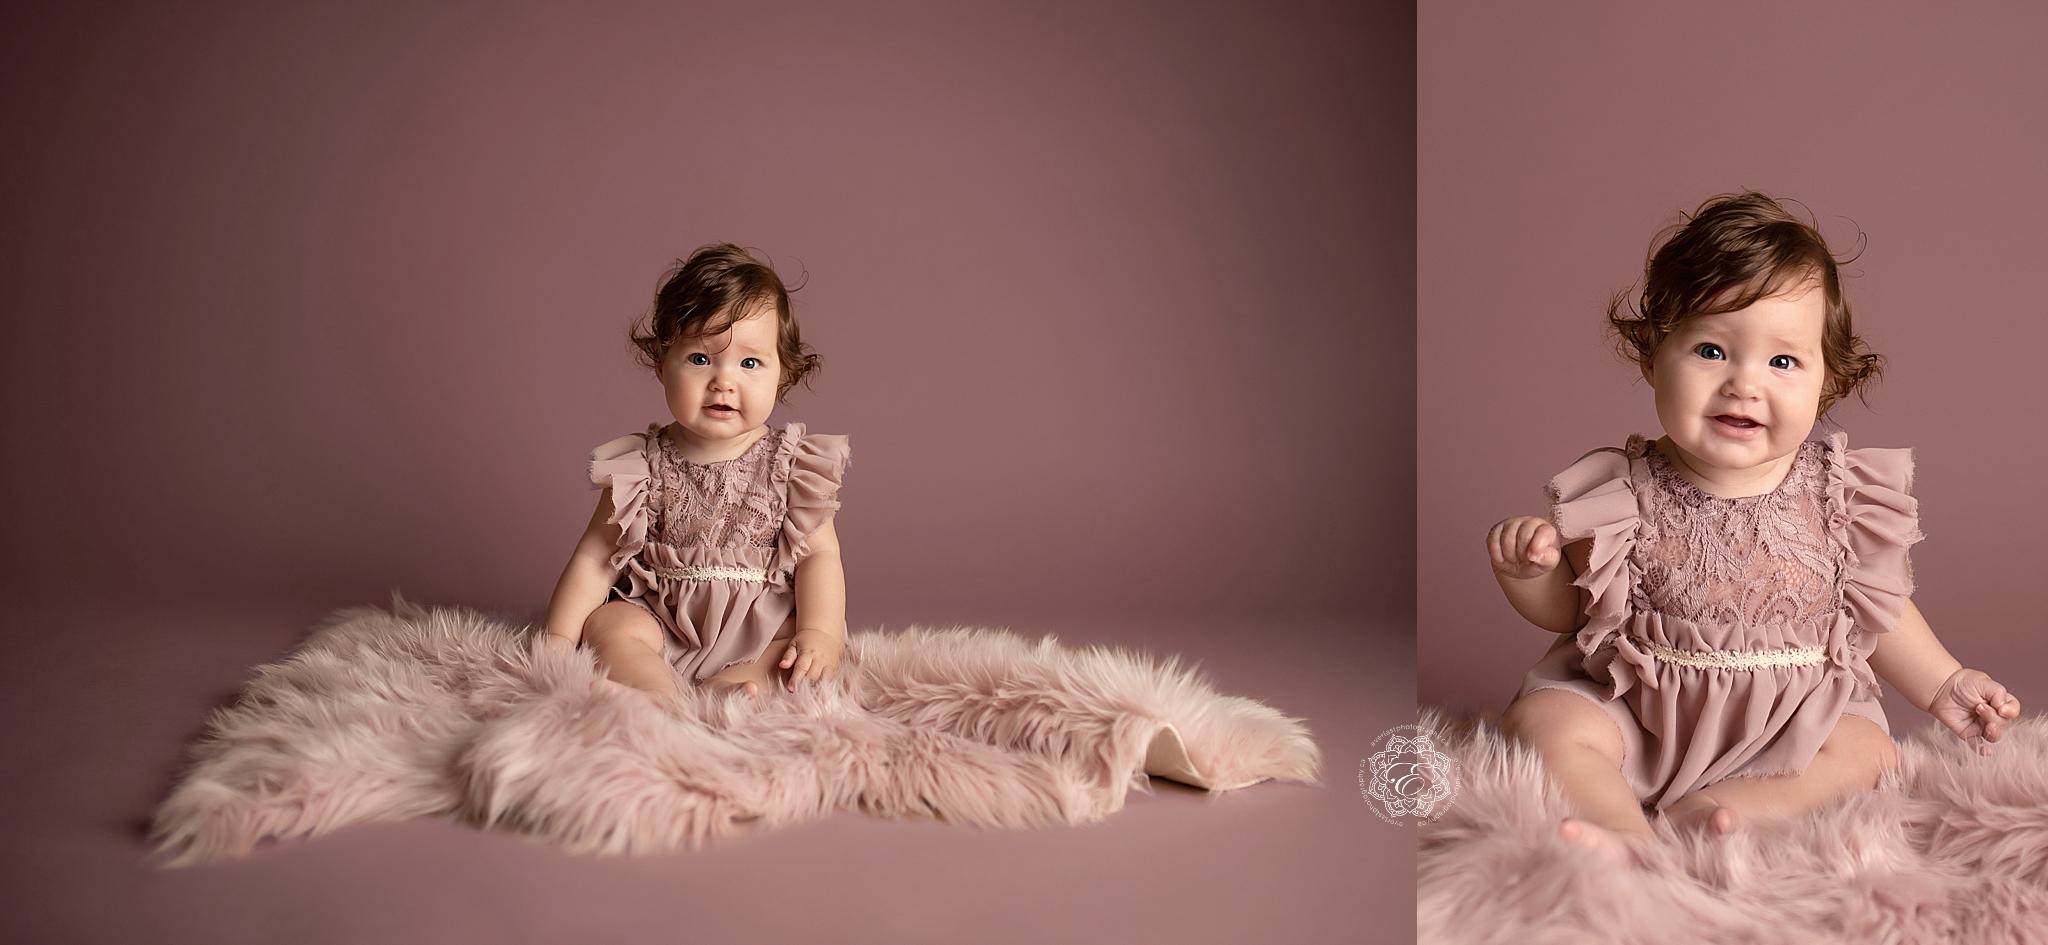 edmonton-best-baby-photographer.jpg